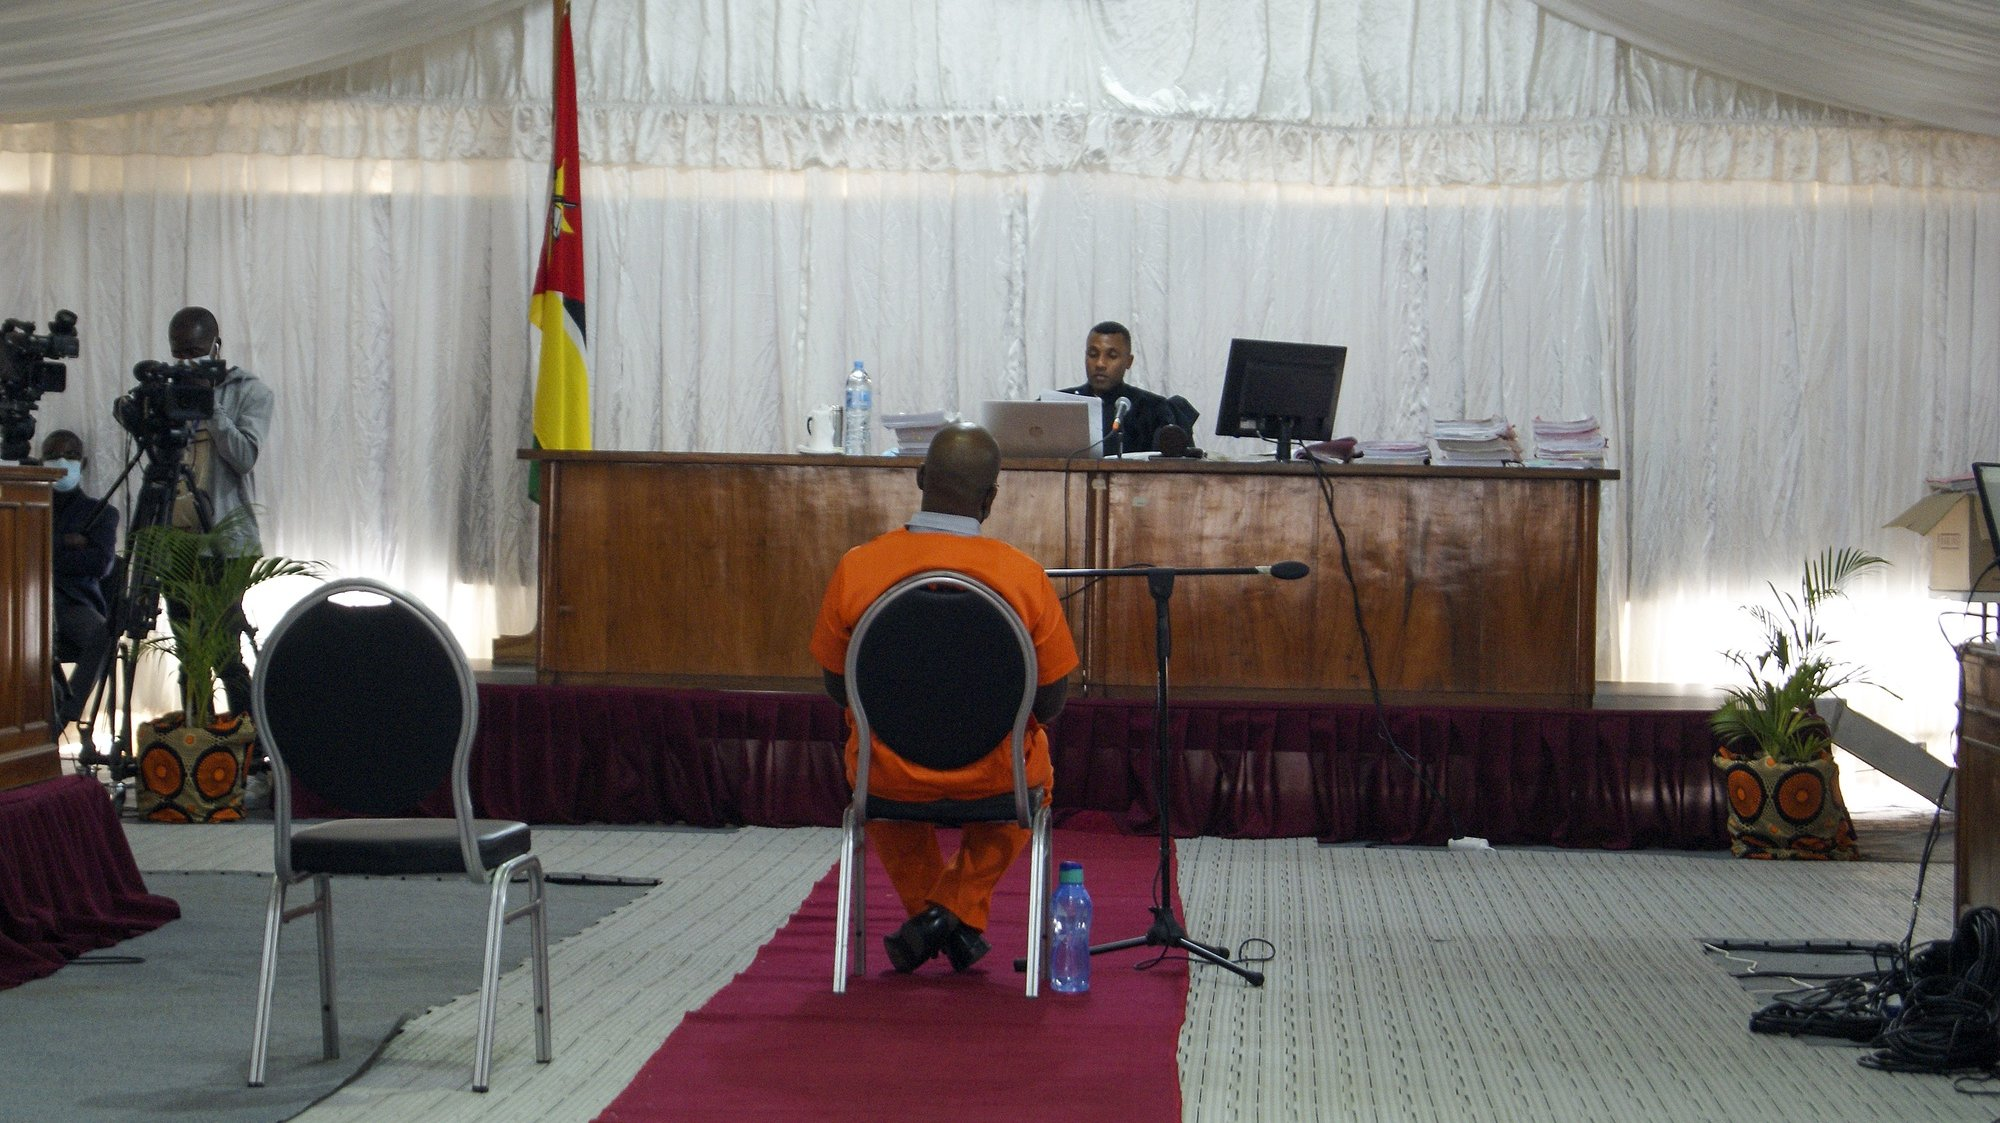 Cipriano Mutota, agente do Serviço de Informações e Segurança do Estado (SISE) de Moçambique e réu no caso das dívidas ocultas, durante o segundo dia do julgamento de 19 arguidos acusados de envolvimento no caso das 'dívidas ocultas', um esquema que envolveu altas figuras do Estado moçambicano, bancos internacionais e estaleiros navais,  Maputo, Moçambique, 24 de agosto de 2021.  (ACOMPANHA TEXTO) LUÍSA NHANTUMBO/LUSA